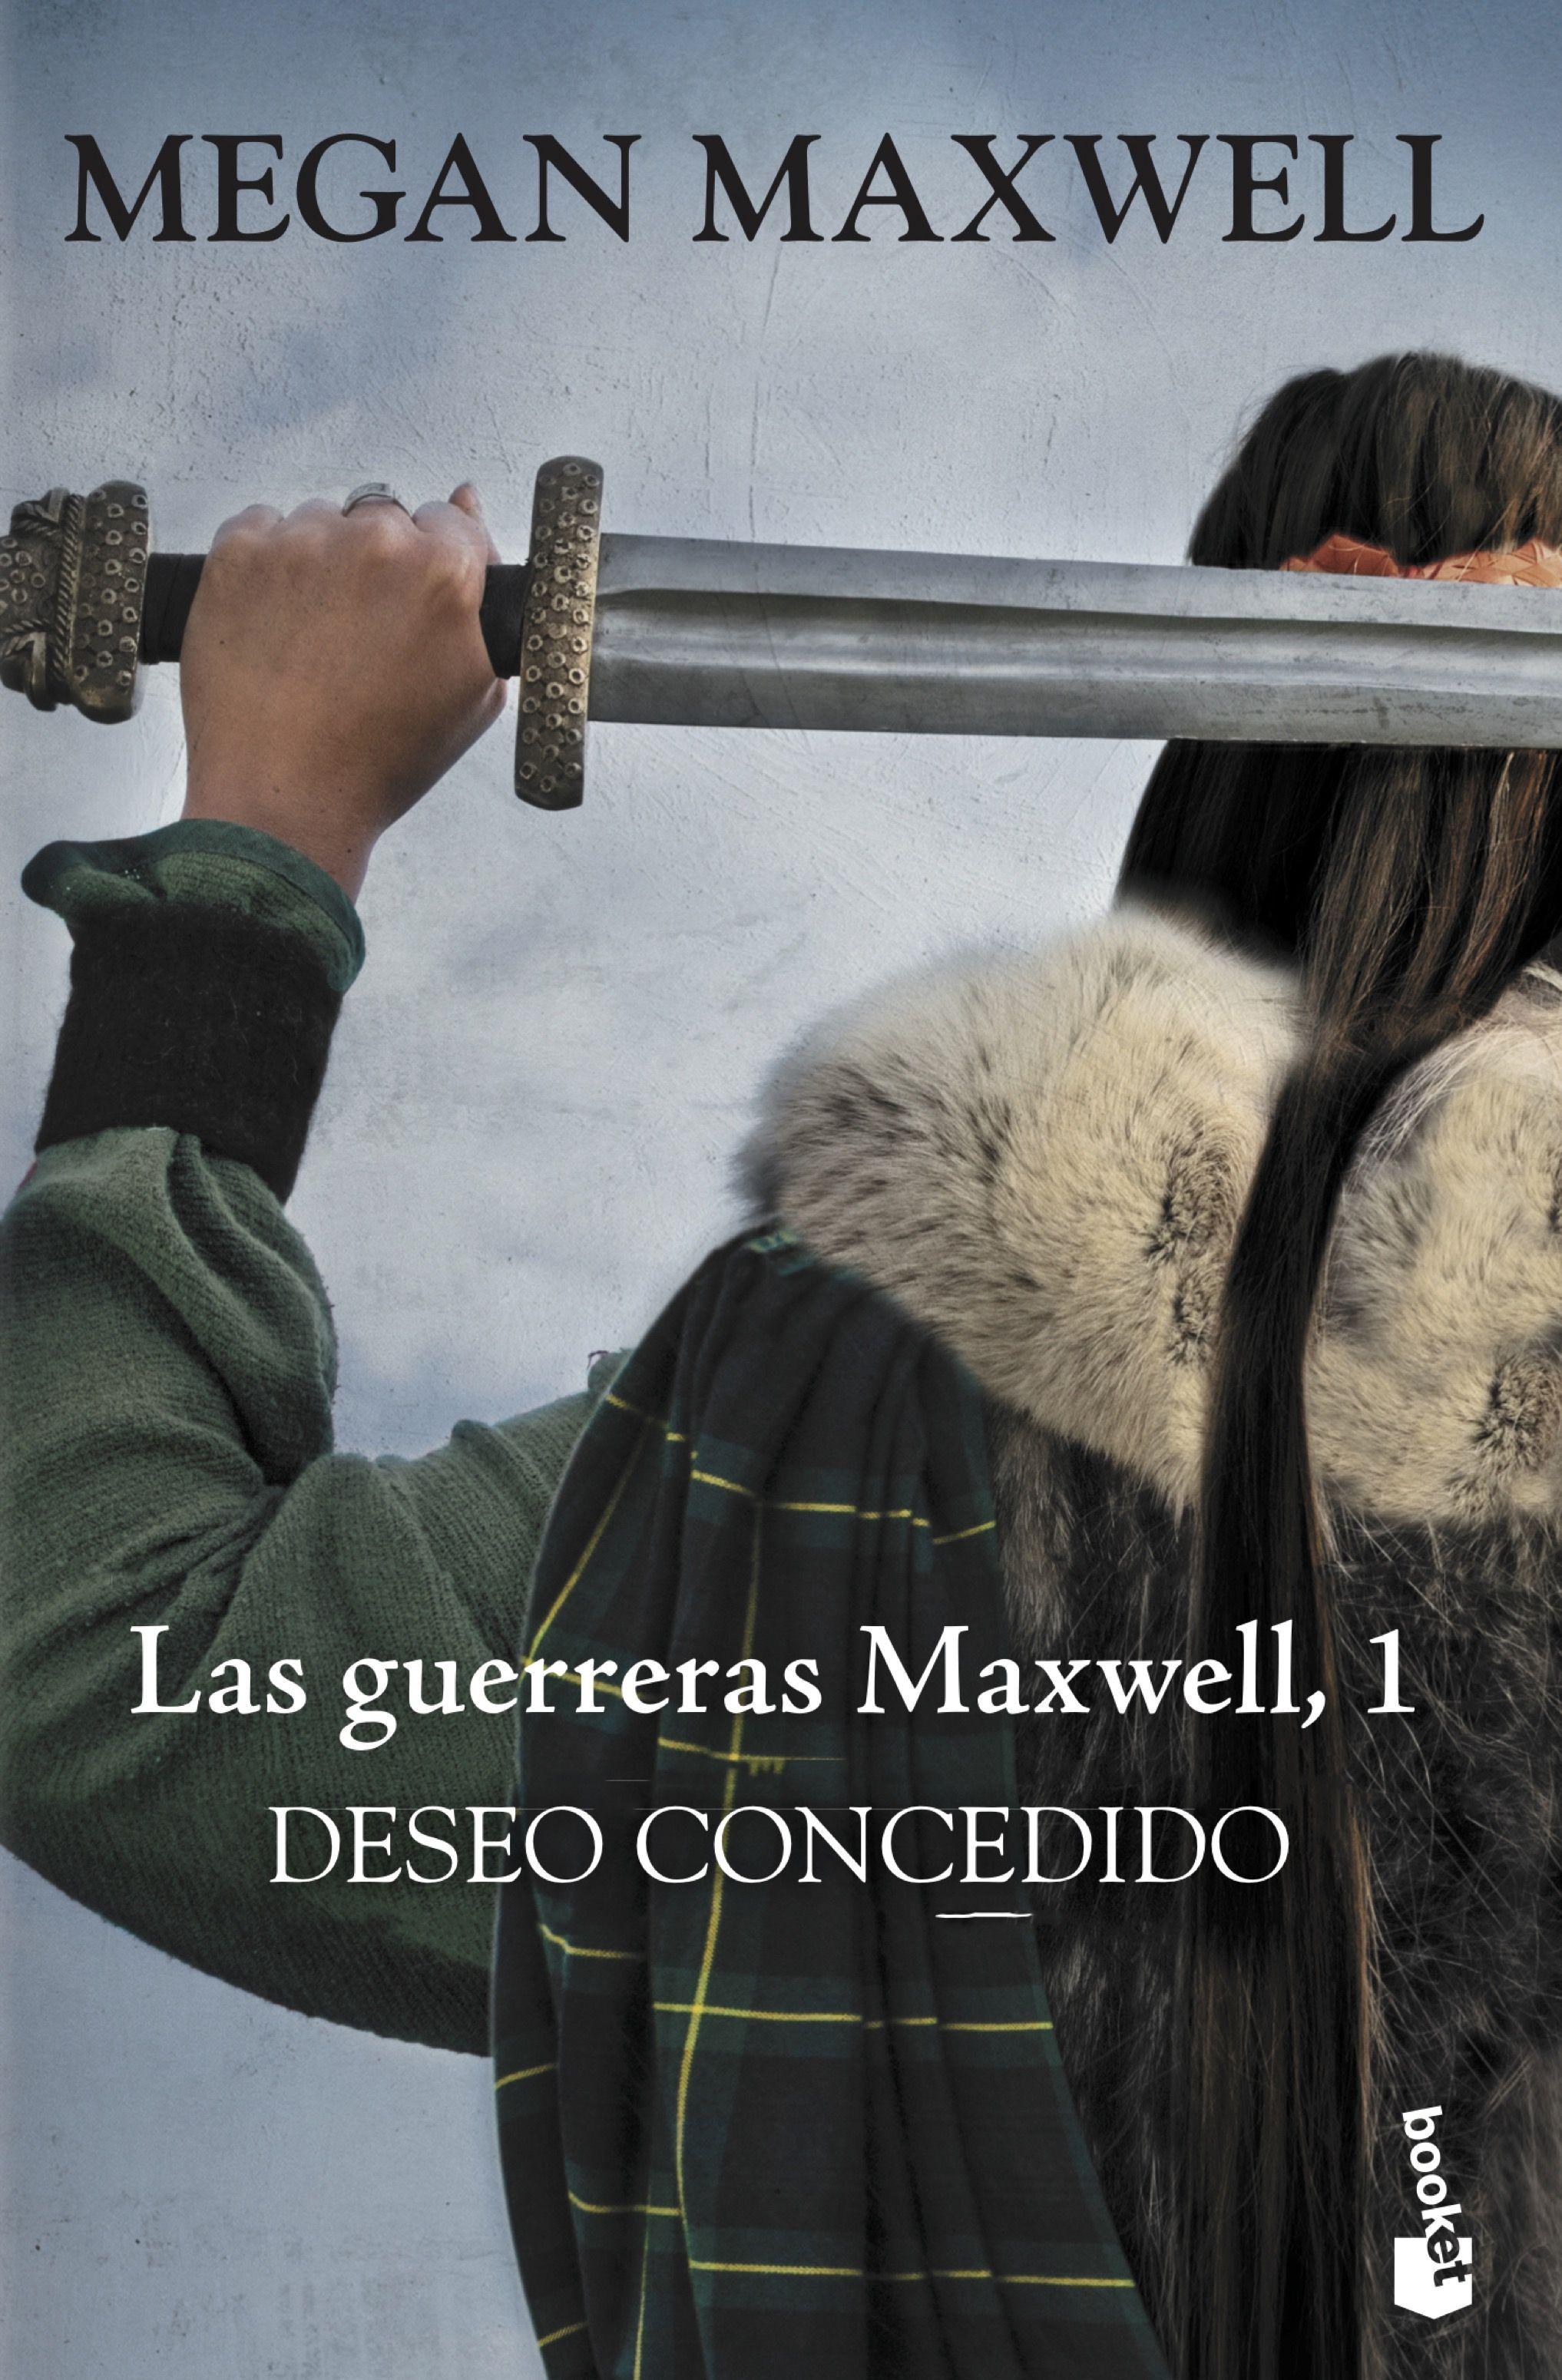 deseo concedido  (las guerreras maxwell, 1)-megan maxwell-9788408181125